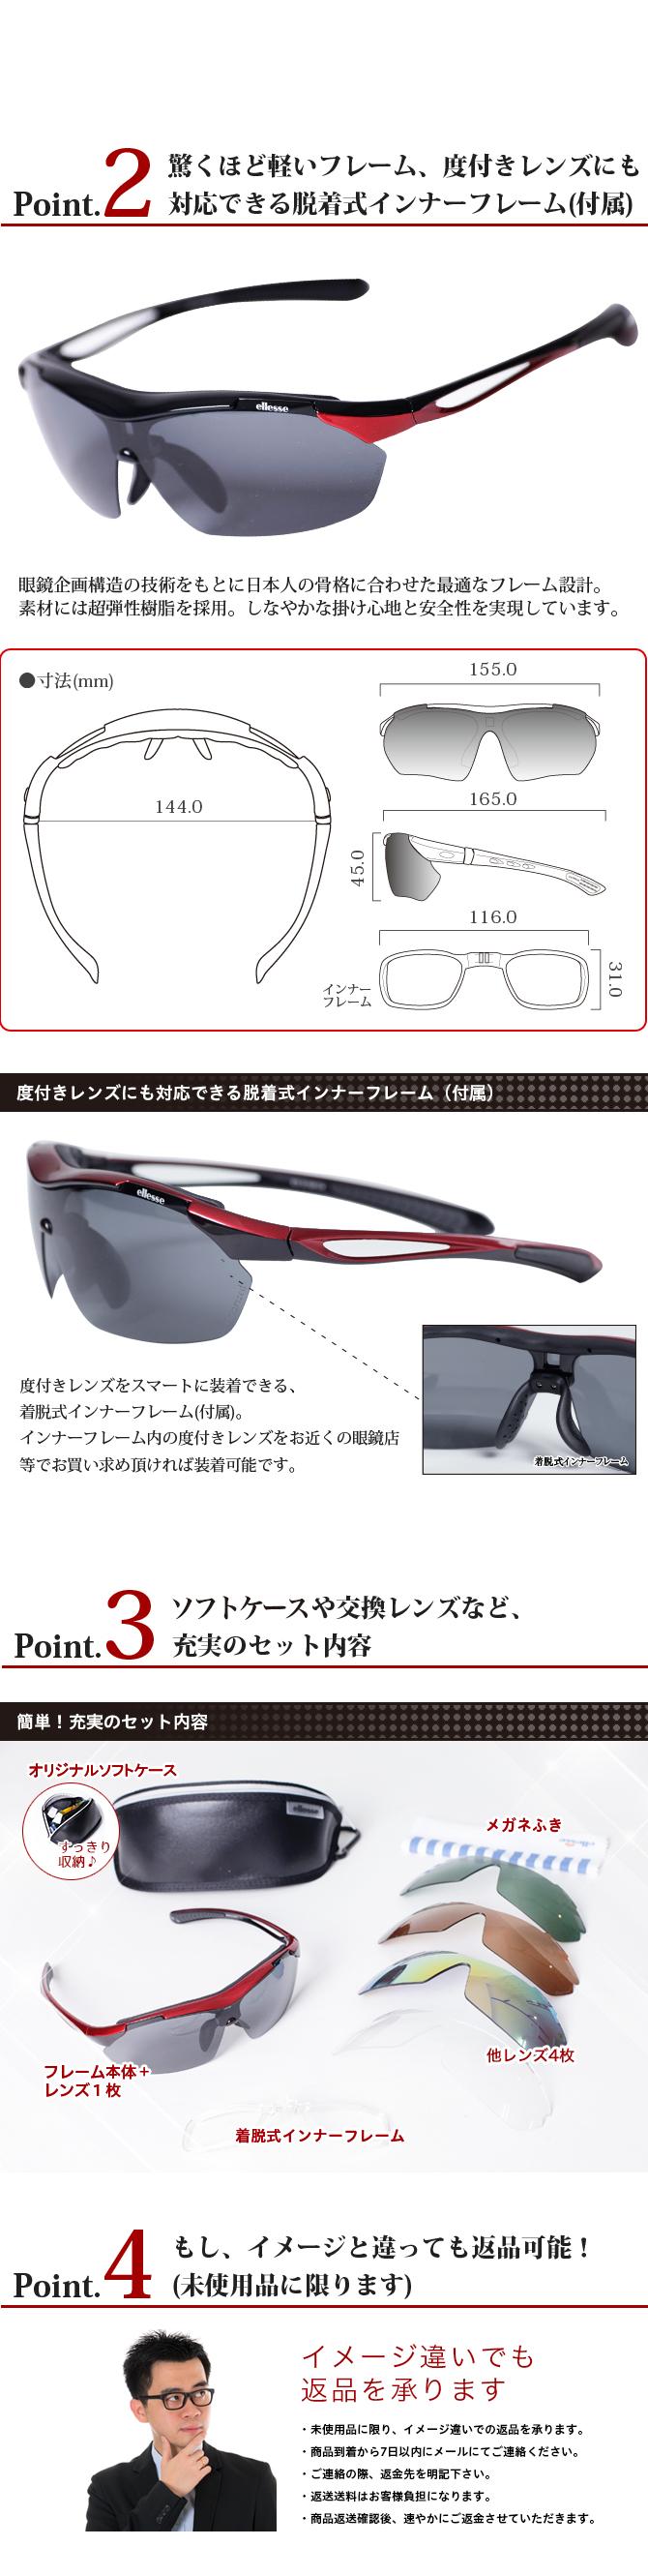 エレッセ 편광 선글라스 렌즈 5 매 세트 남성용 낚시 편광 선글라스